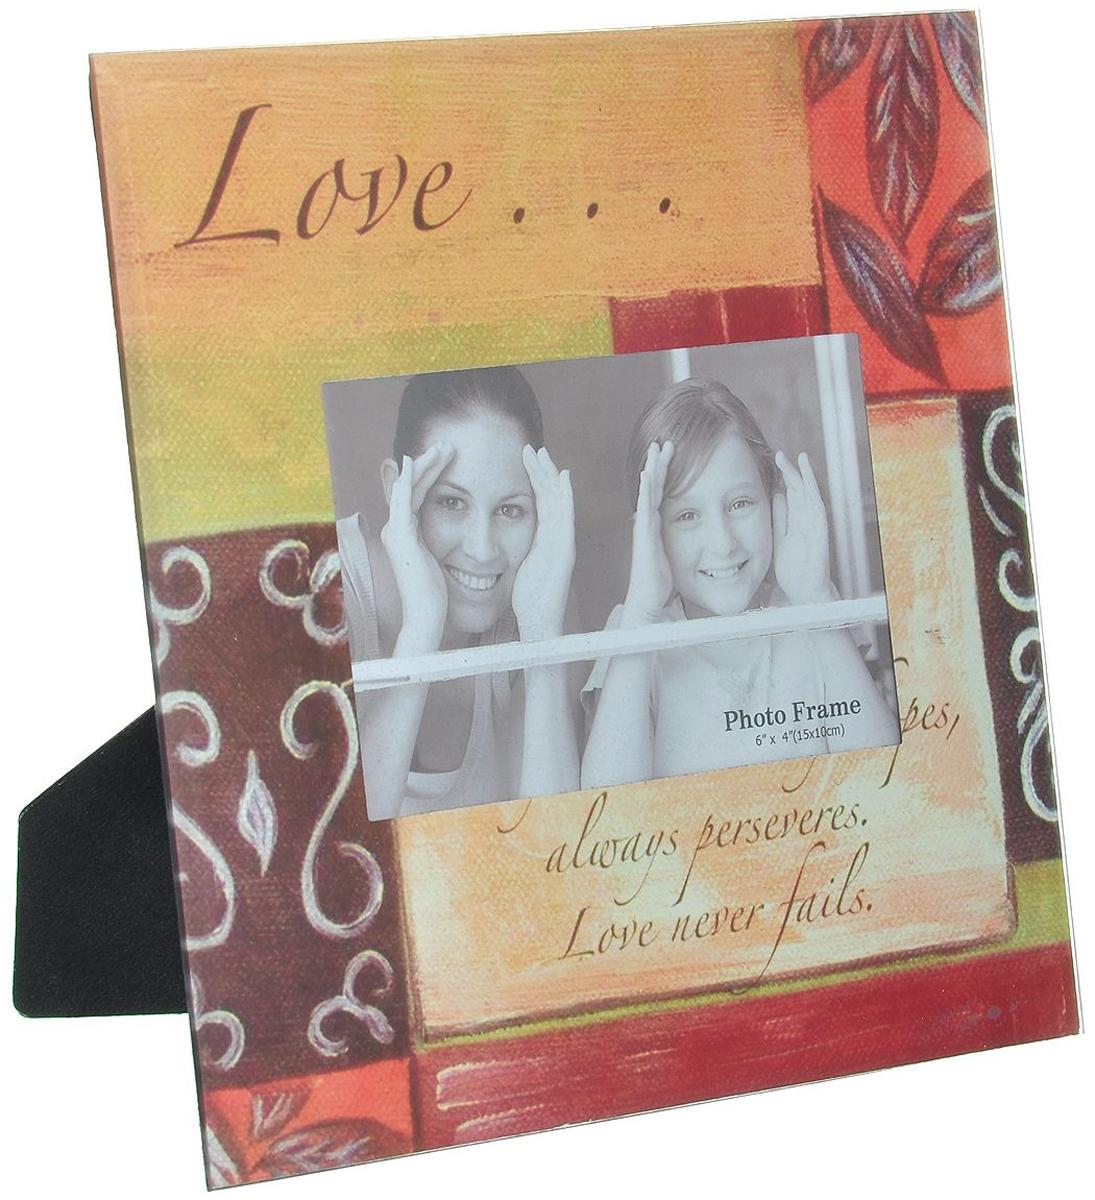 Декоративная фоторамка Love, 15 см х 10 см. 1945019450Декоративная фоторамка Love поможет вам оригинально дополнить интерьер помещения. Фоторамка выполнена из стекла с ярким декором. Задняя сторона отделана бархатистым текстилем и оснащена ножкой для размещения на столе. Такая рамка позволит сохранить на память изображения дорогих вам людей и интересных событий вашей жизни, а также станет приятным подарком для каждого.